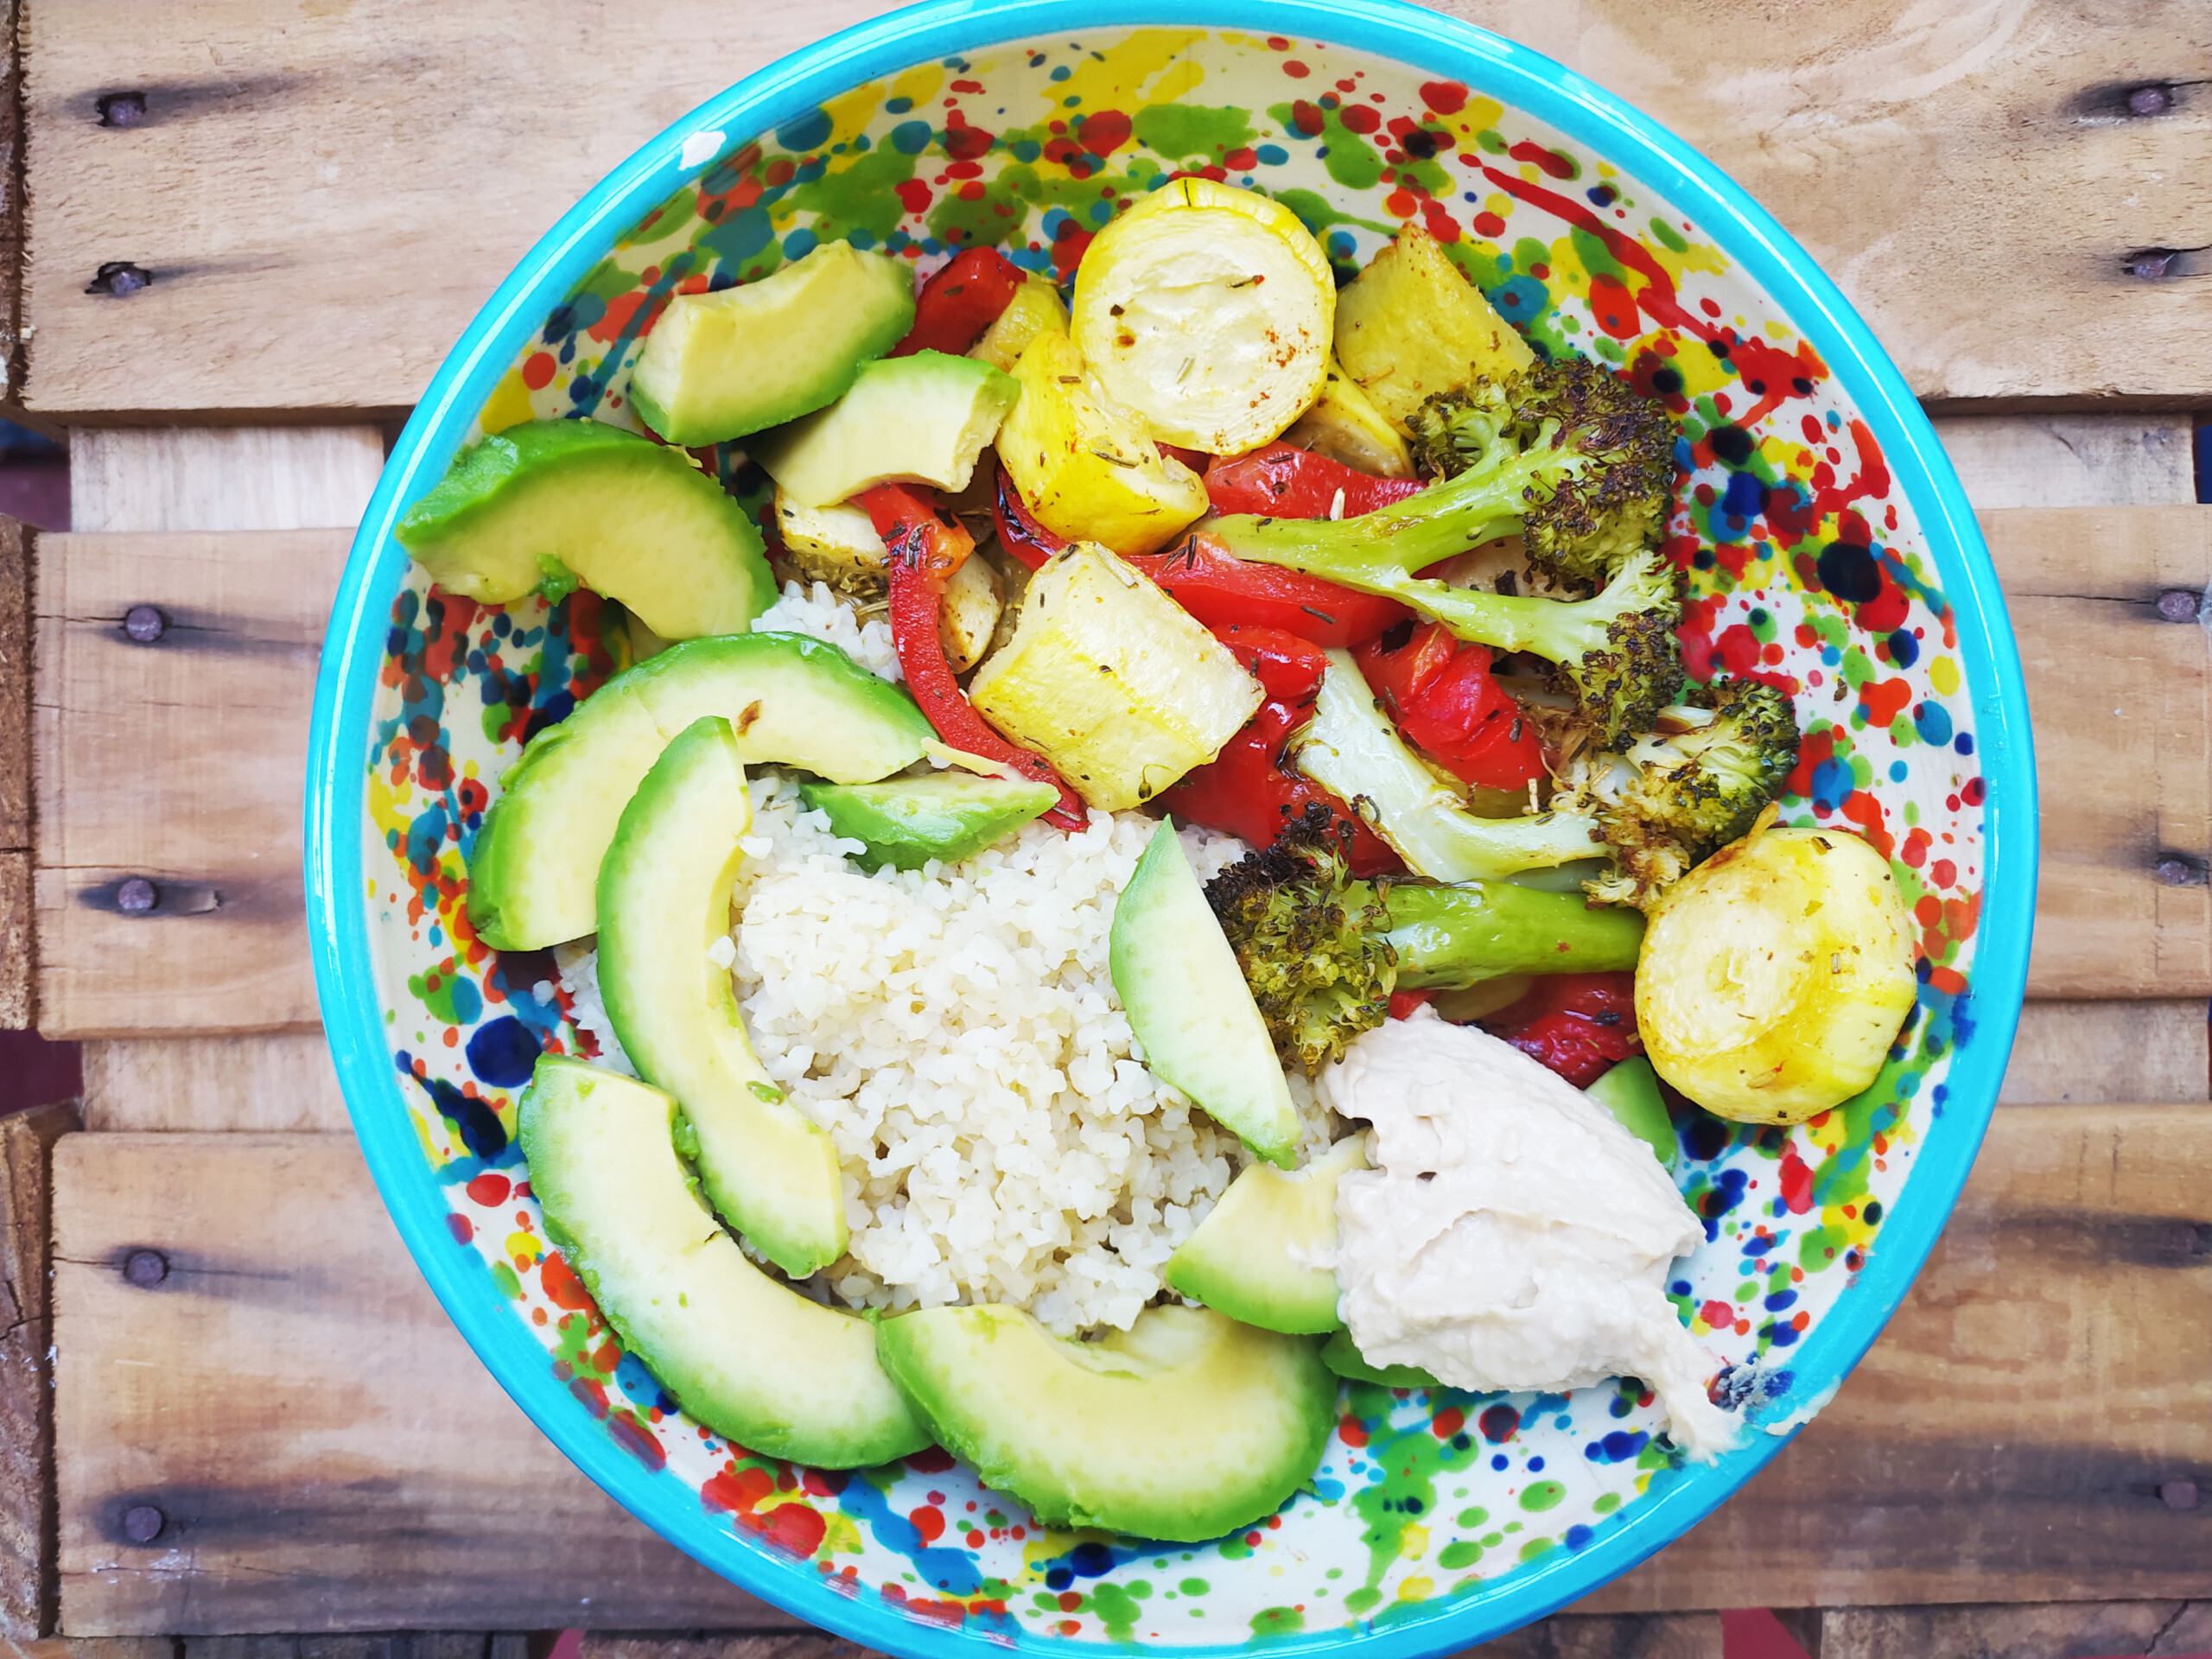 Idée recette healthy : dans mon assiette